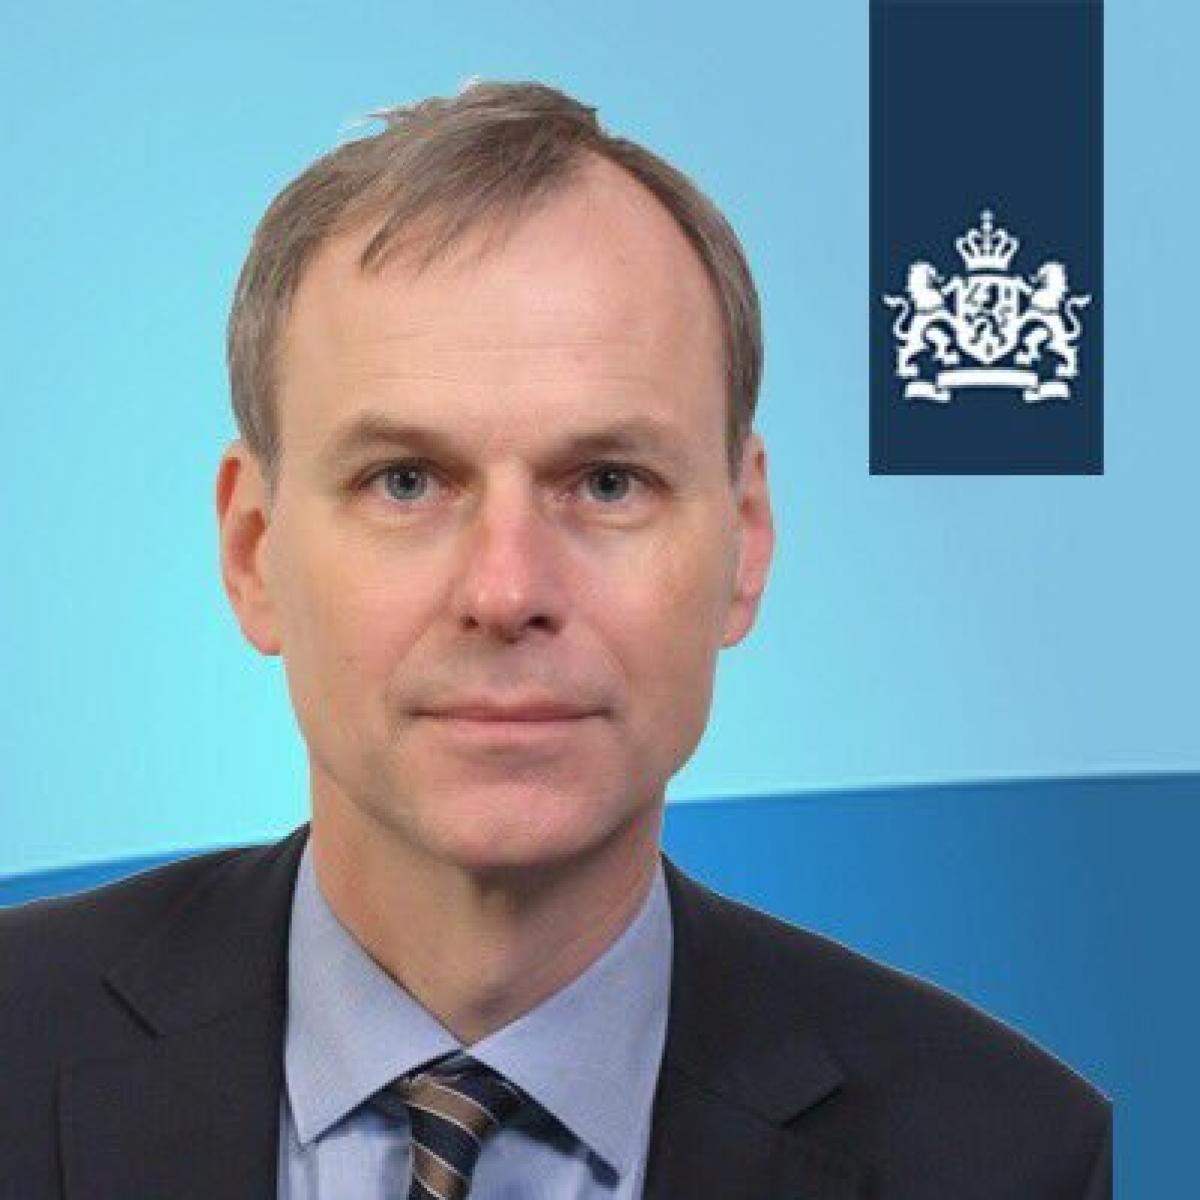 Netherlands Ambassador to India Marten Van Den Berg